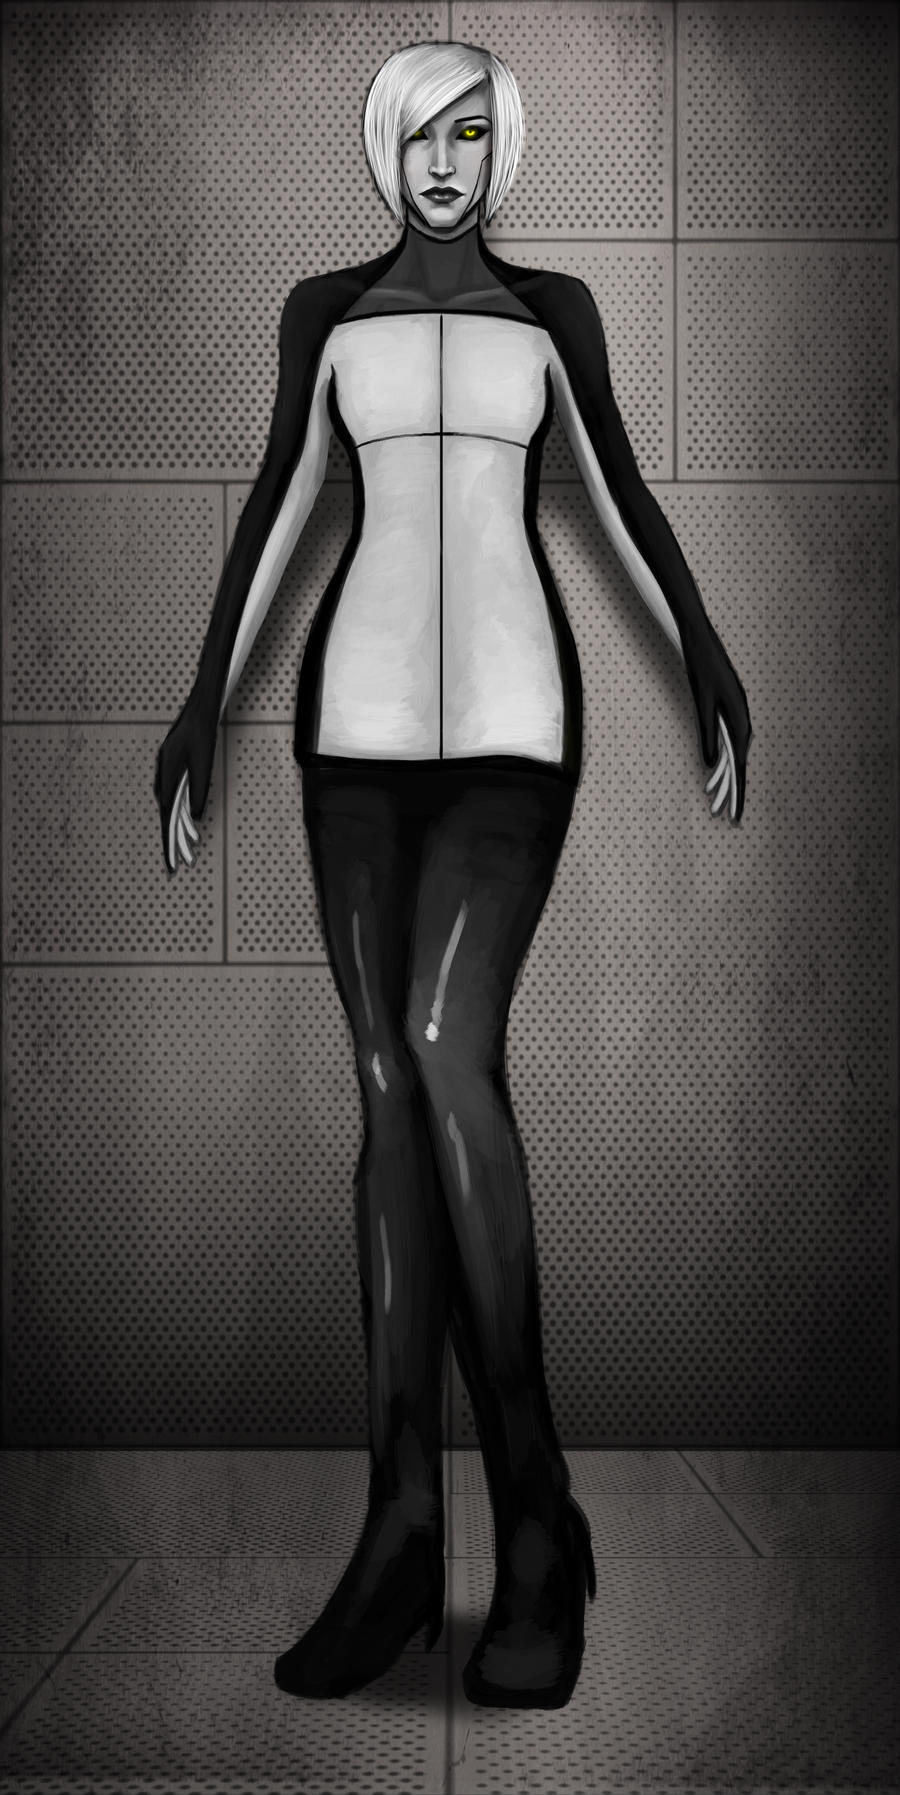 GLaDOS Design v1 by DestinyJade